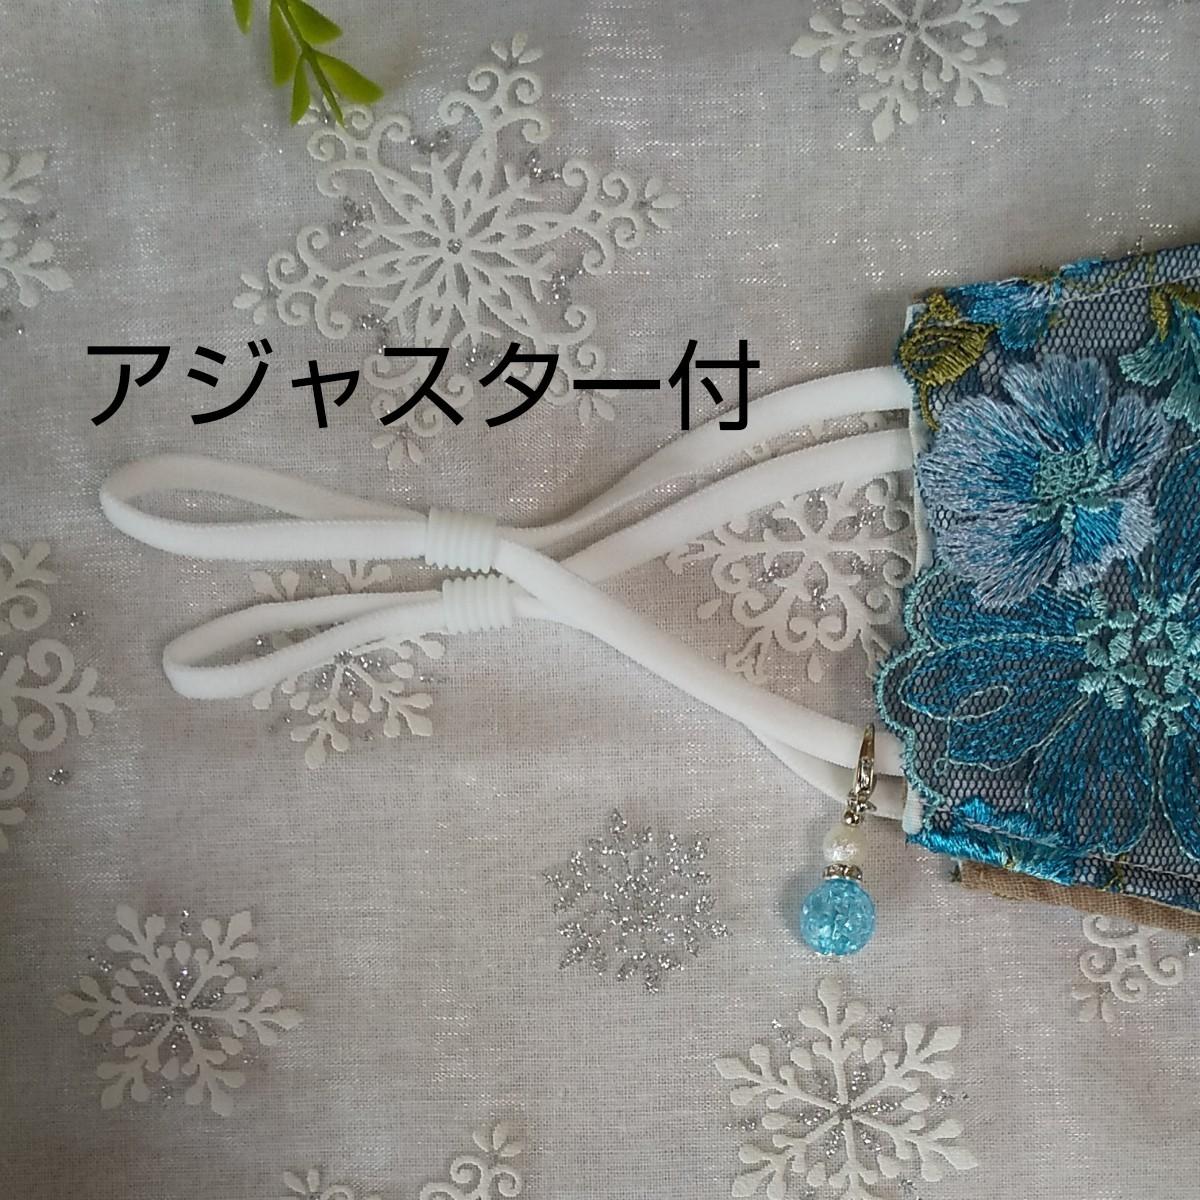 立体インナーハンドメイド、綿ガーゼ、チュール刺繍レース(ホワイト×ブルー系お花刺繍)(普通サイズ)アジャスター付、チャーム付